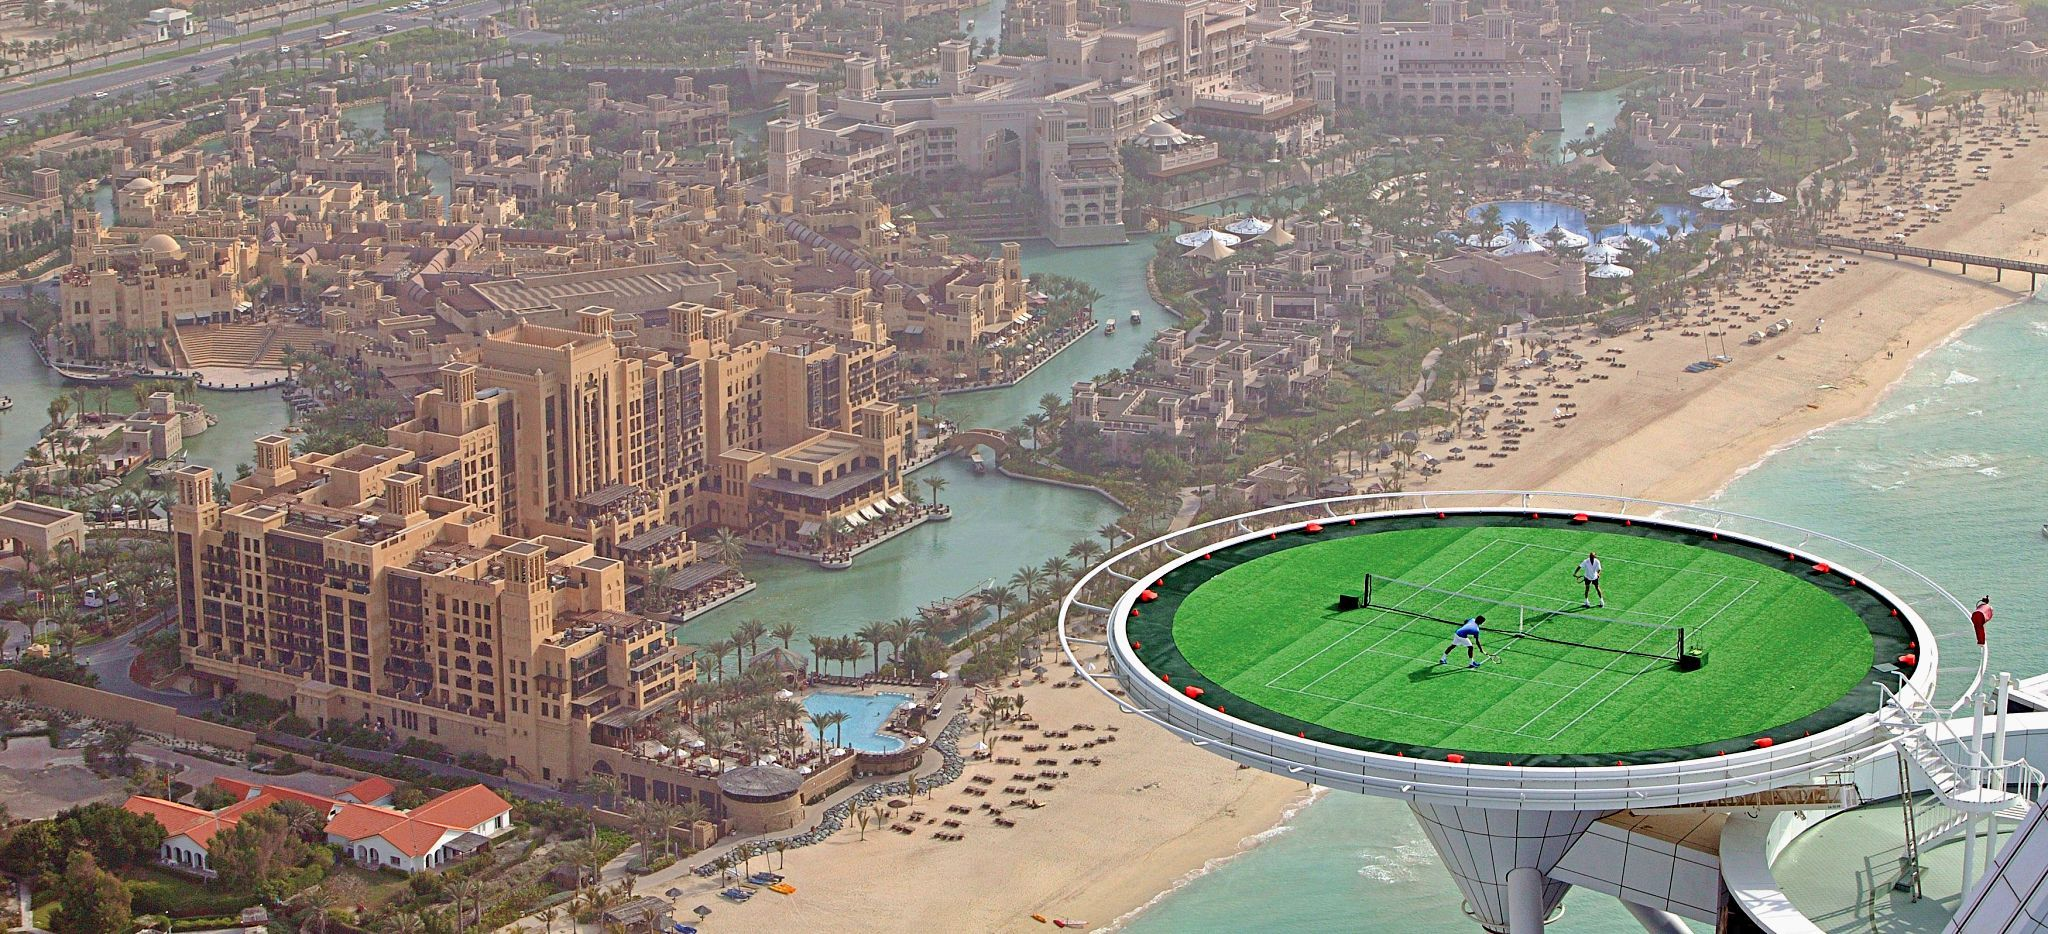 Tennis auf dem Helipad des Burj al Arab vor der Kullisse der Stadt Dubai